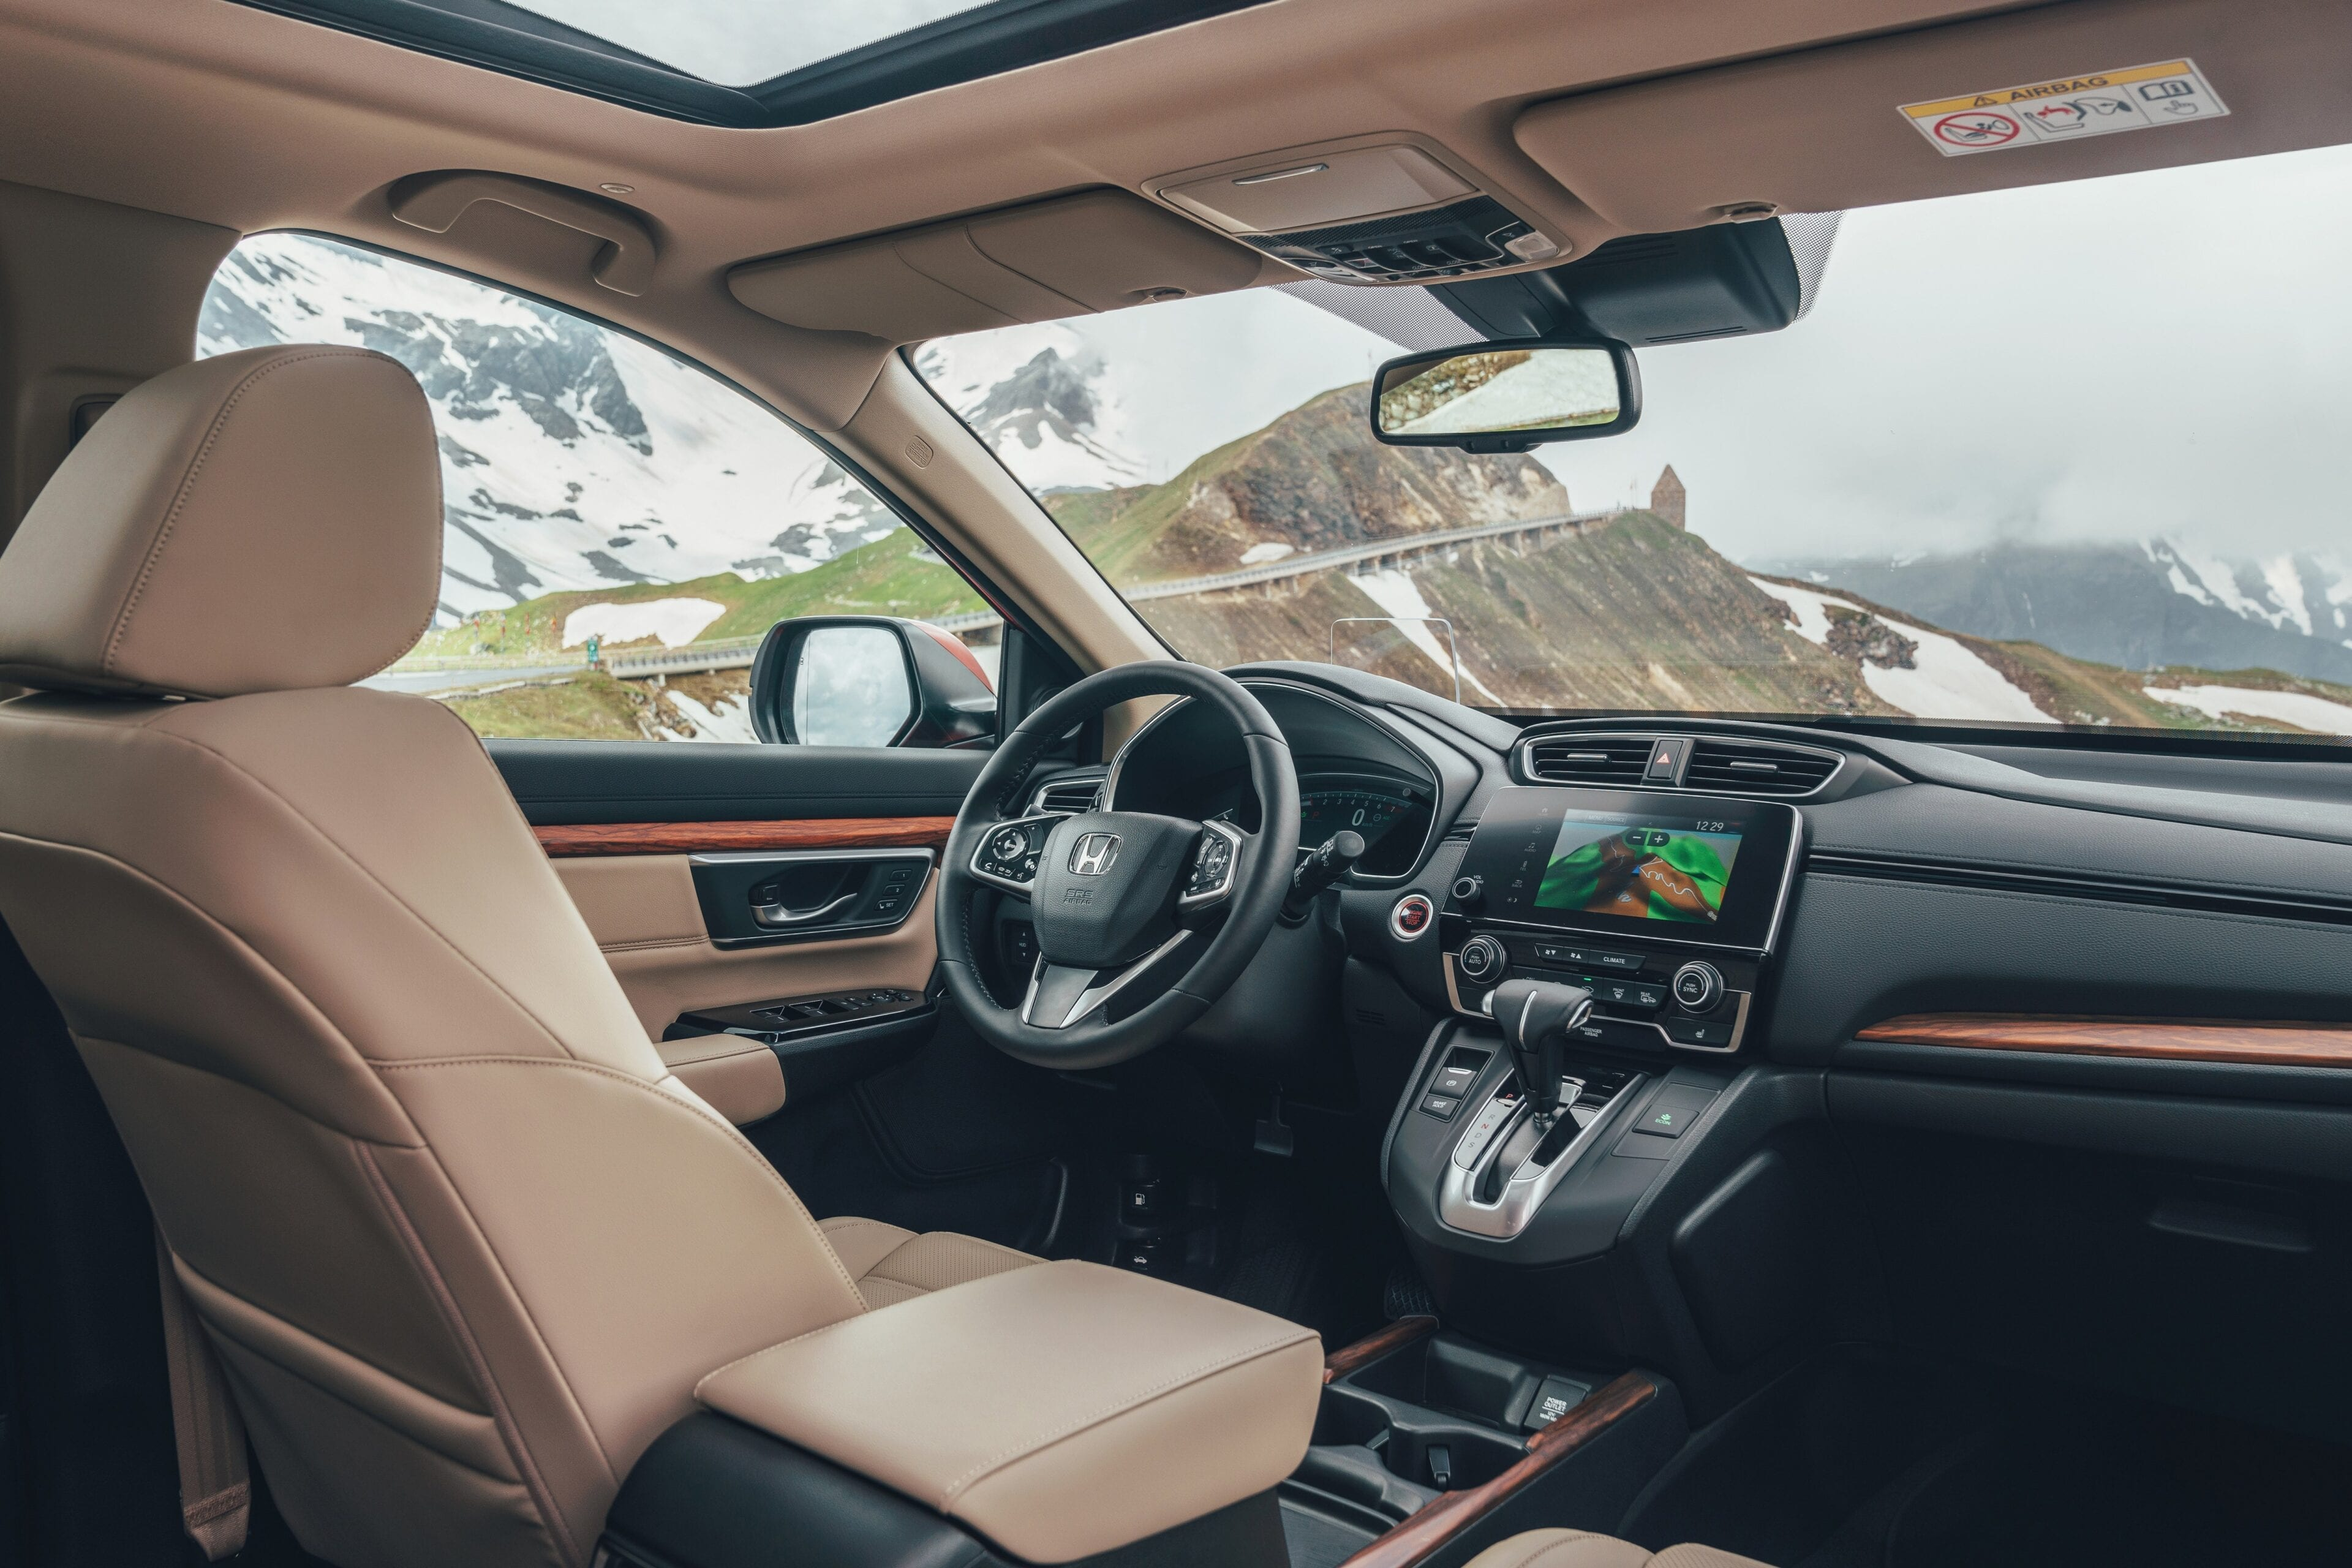 De stoere en assertieve Honda CR-V is ontworpen rond een gesofisticeerd interieur met een maximale ruimte en praktische functies voor optimale flexibiliteit.